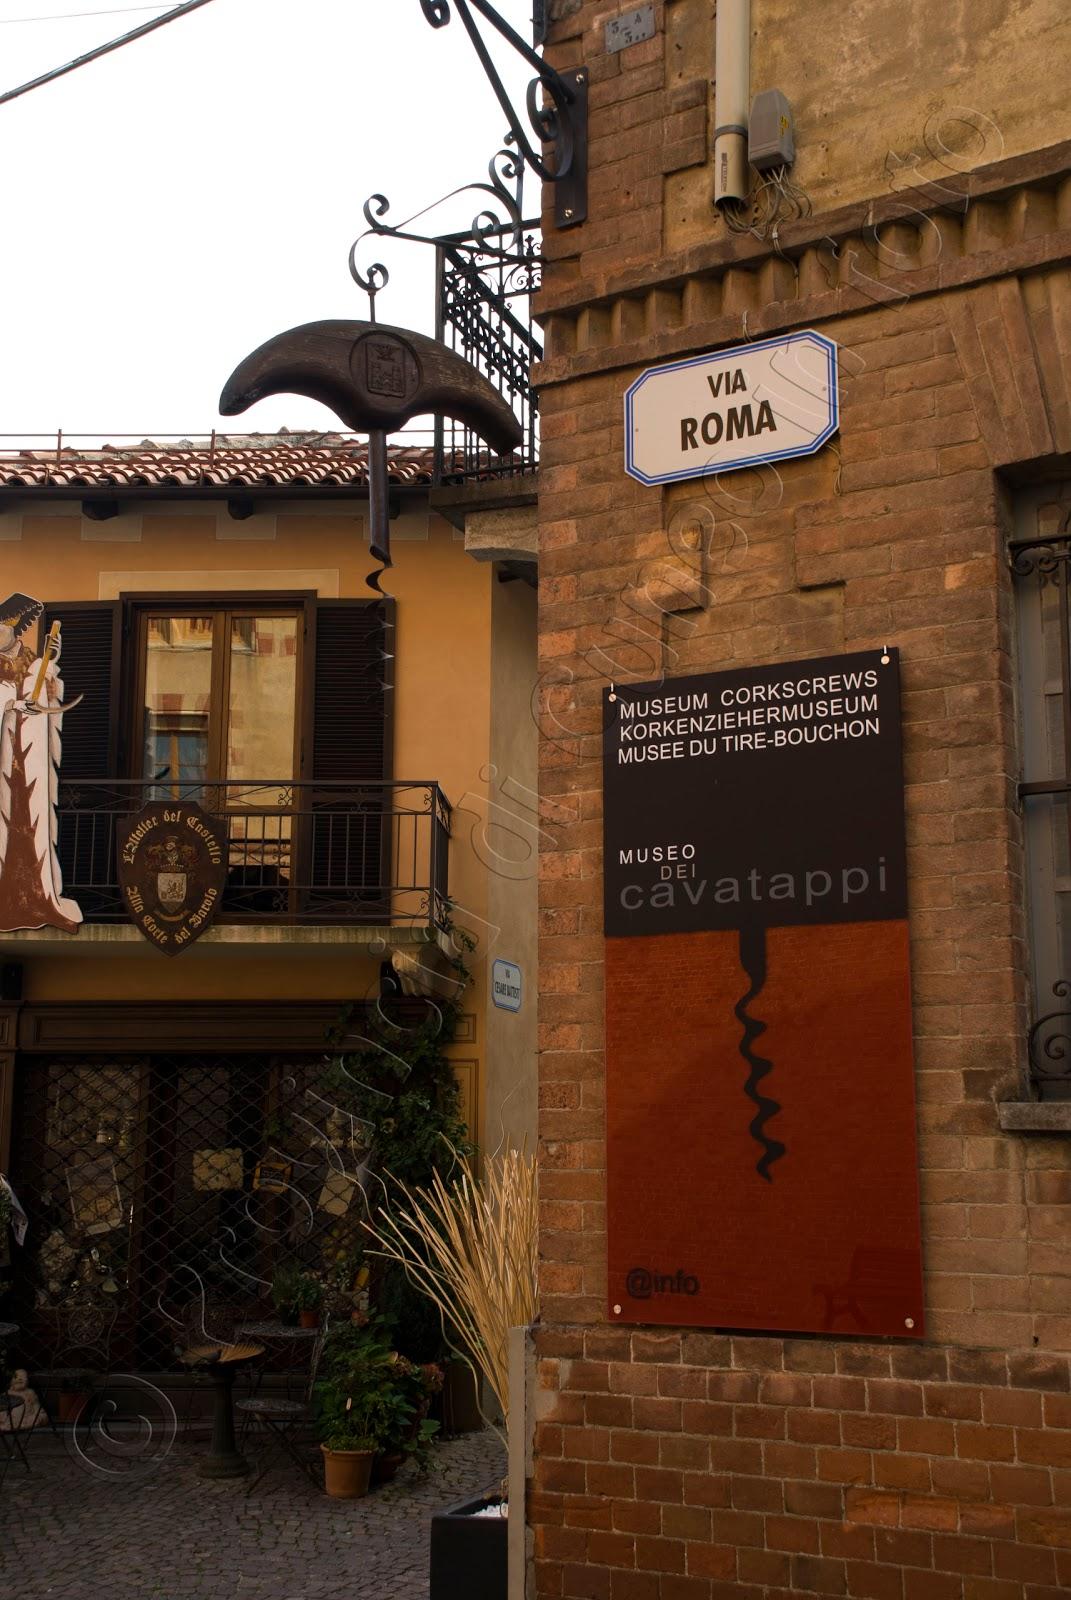 fotografia museo cavatappi barolo